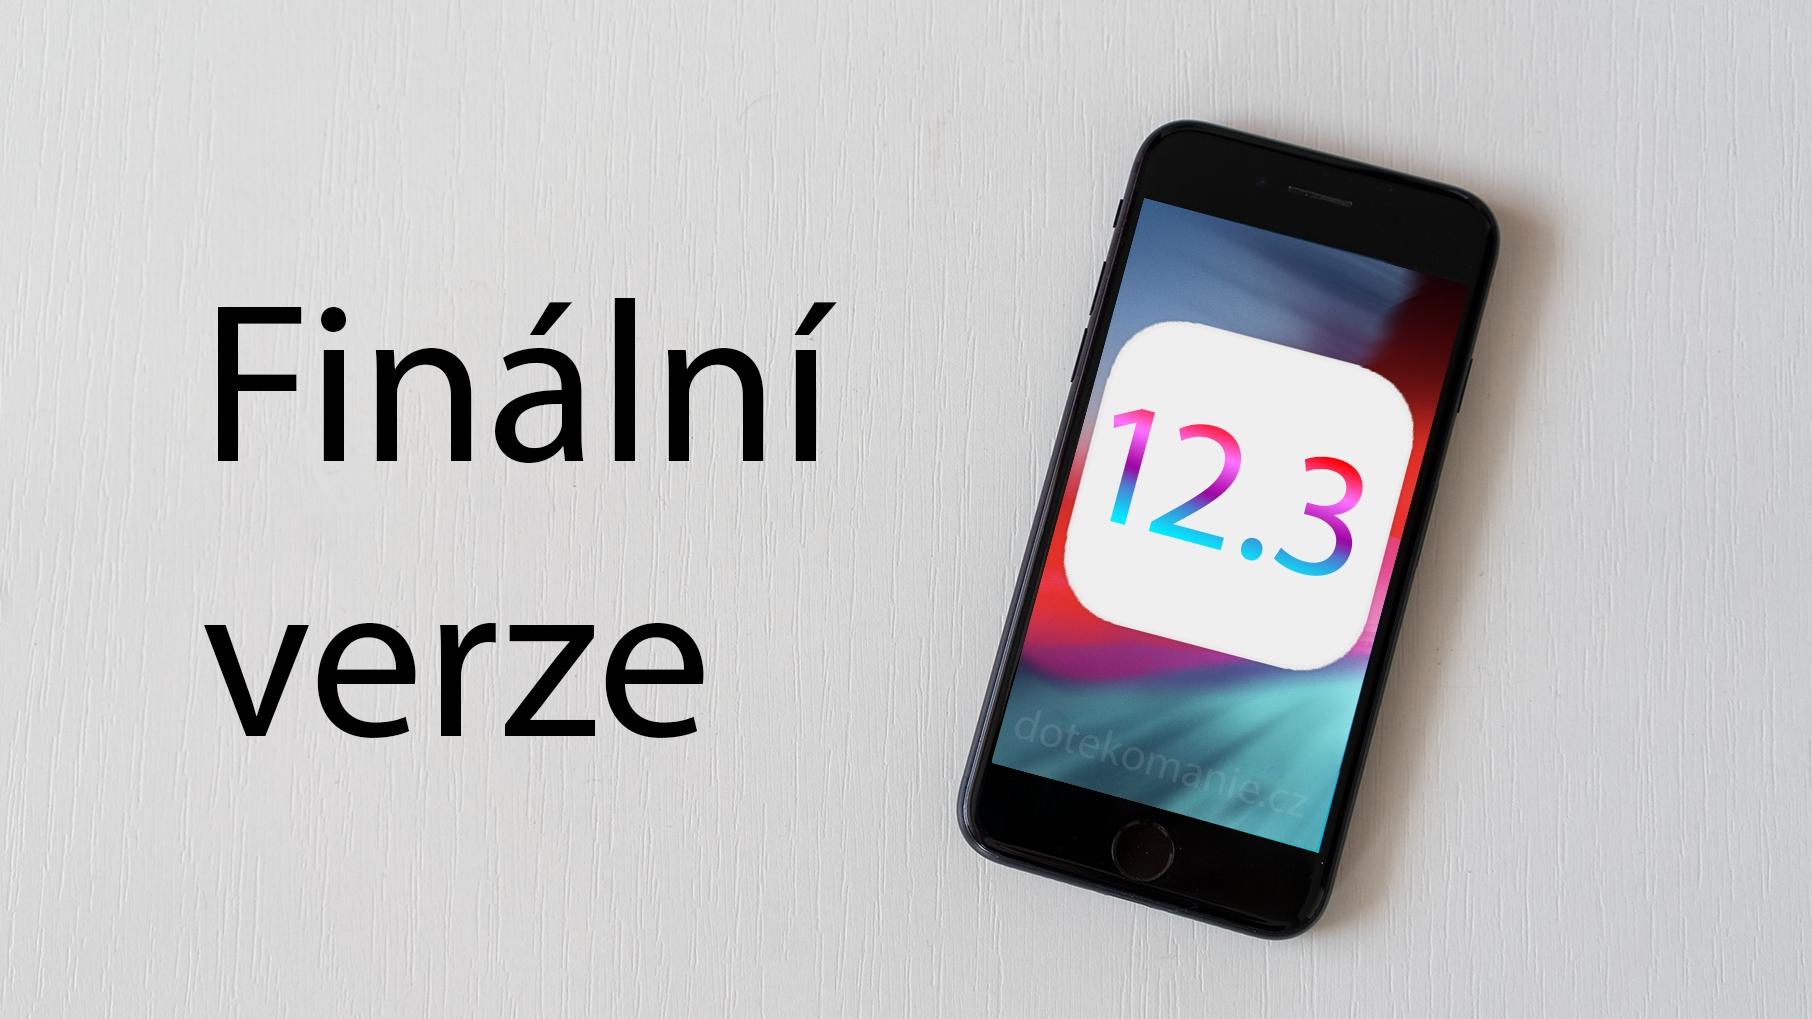 Finální iOS 12.3 je venku, novinek je dost